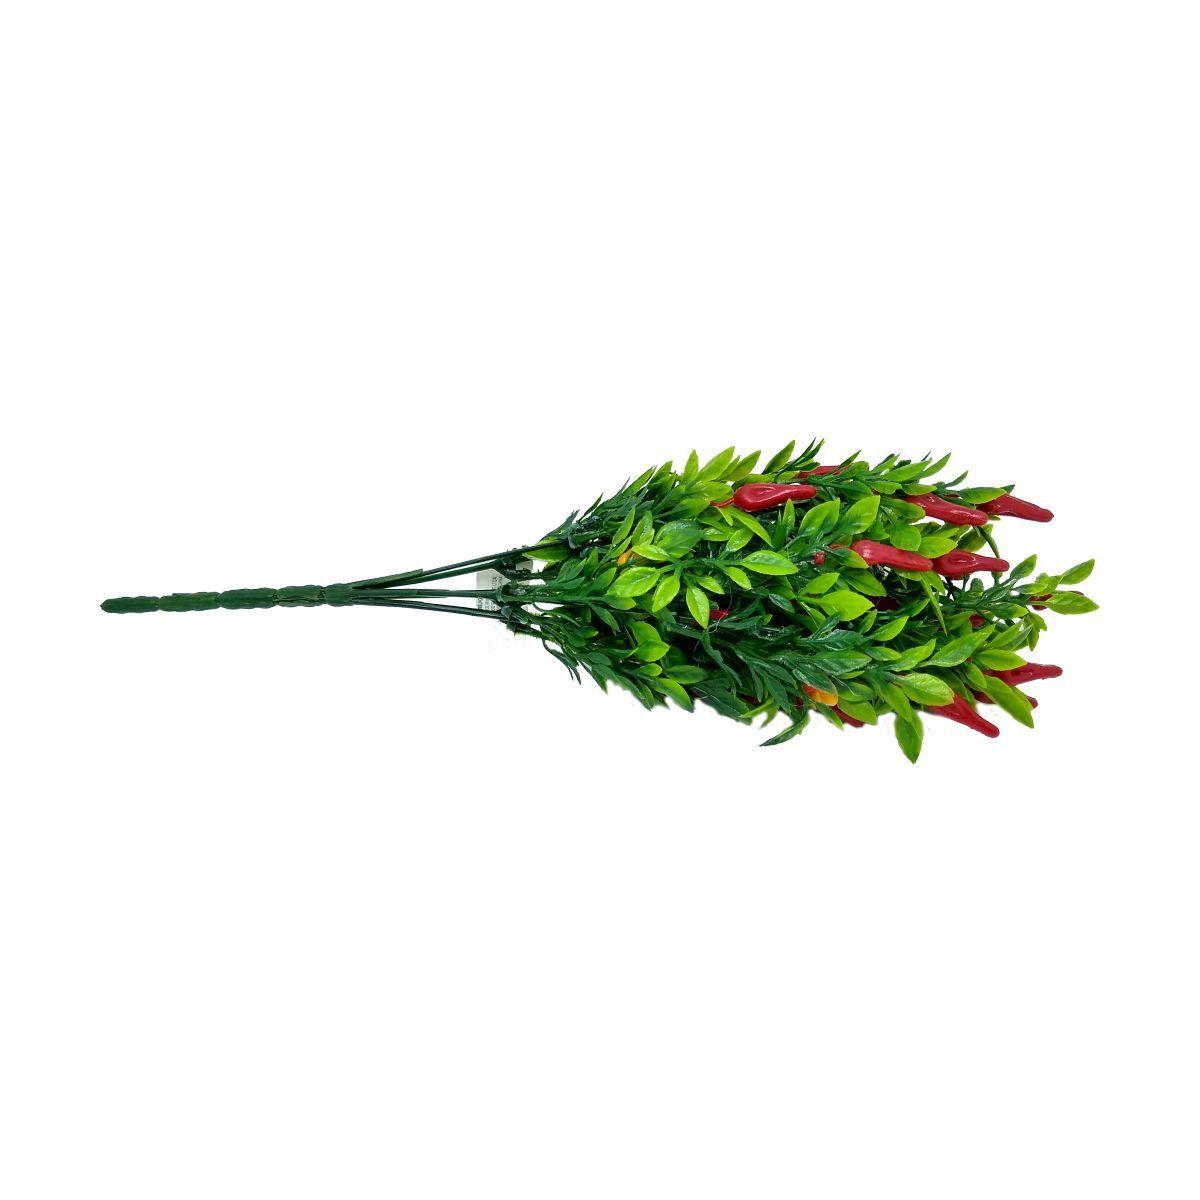 Folhagem Pimenta PLT Vermelho com Verde 37cm - 11414001